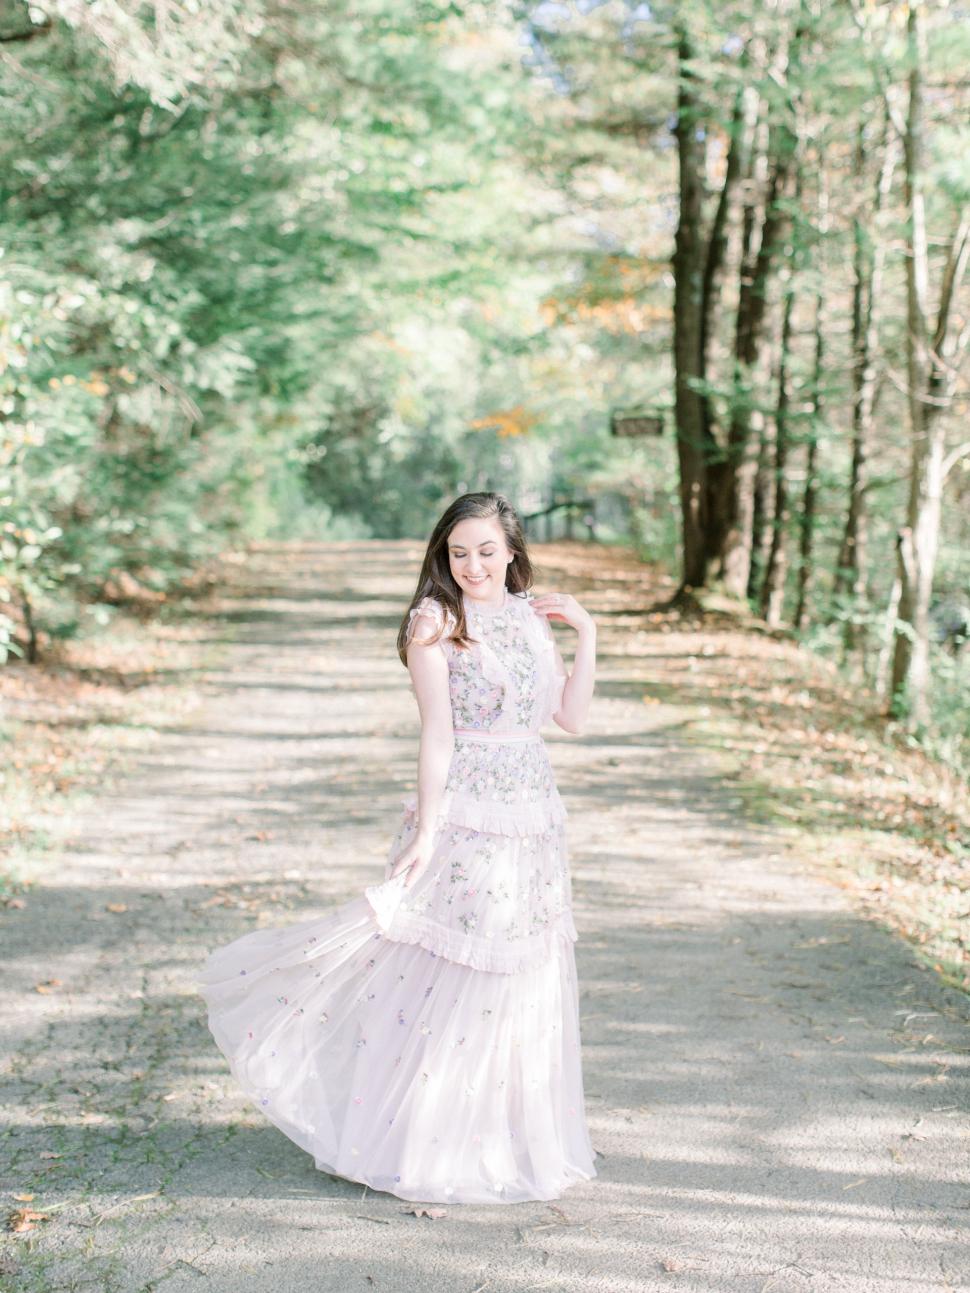 Poconos-Wedding-Photographer-Cassi-Claire-Poconos-Engagement-Photos_06.jpg